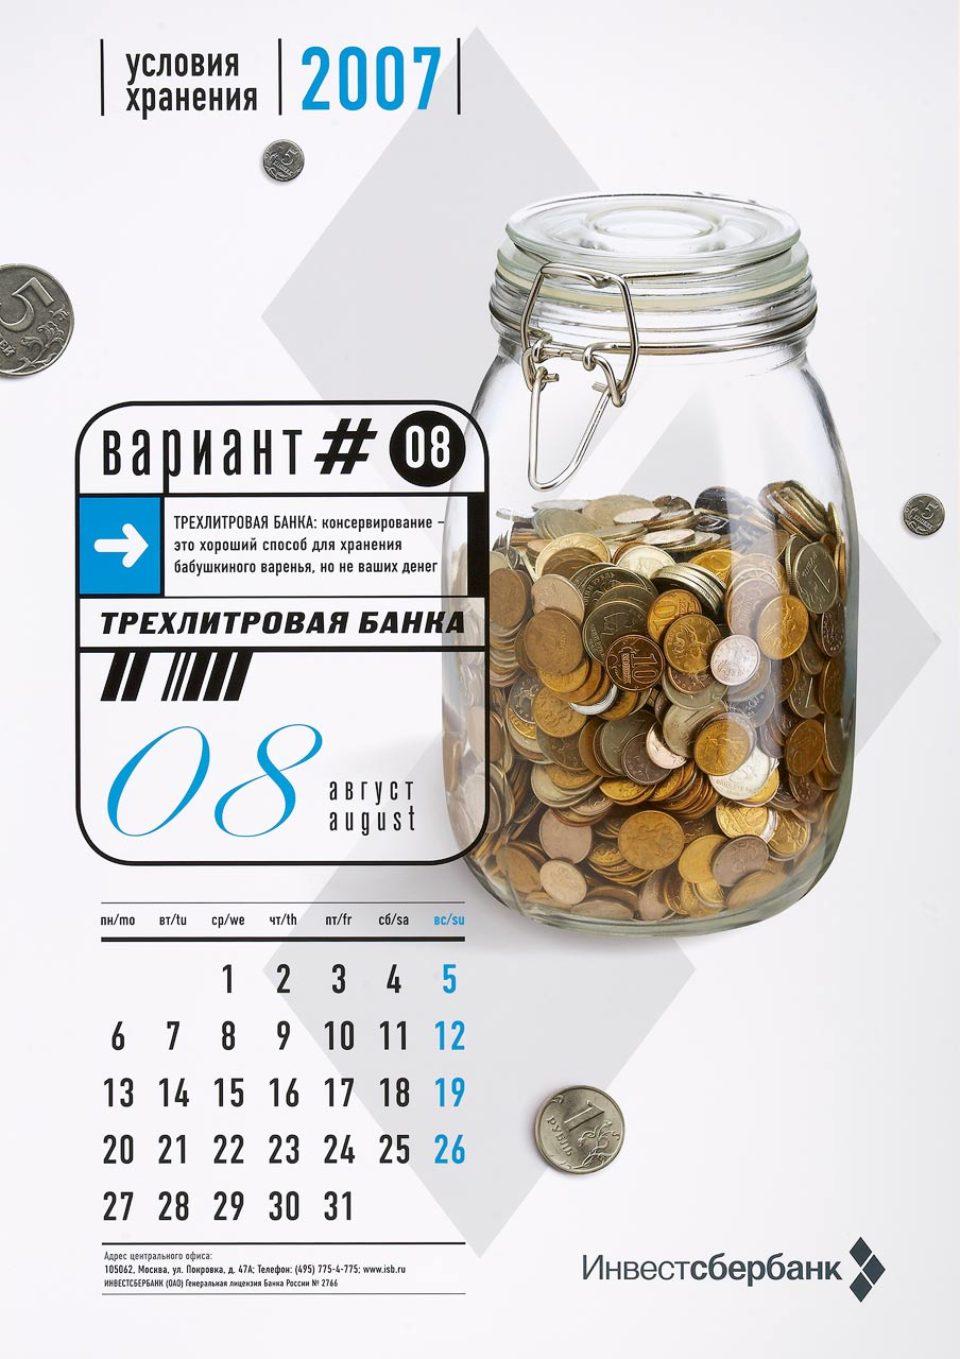 Храните деньги в банке!